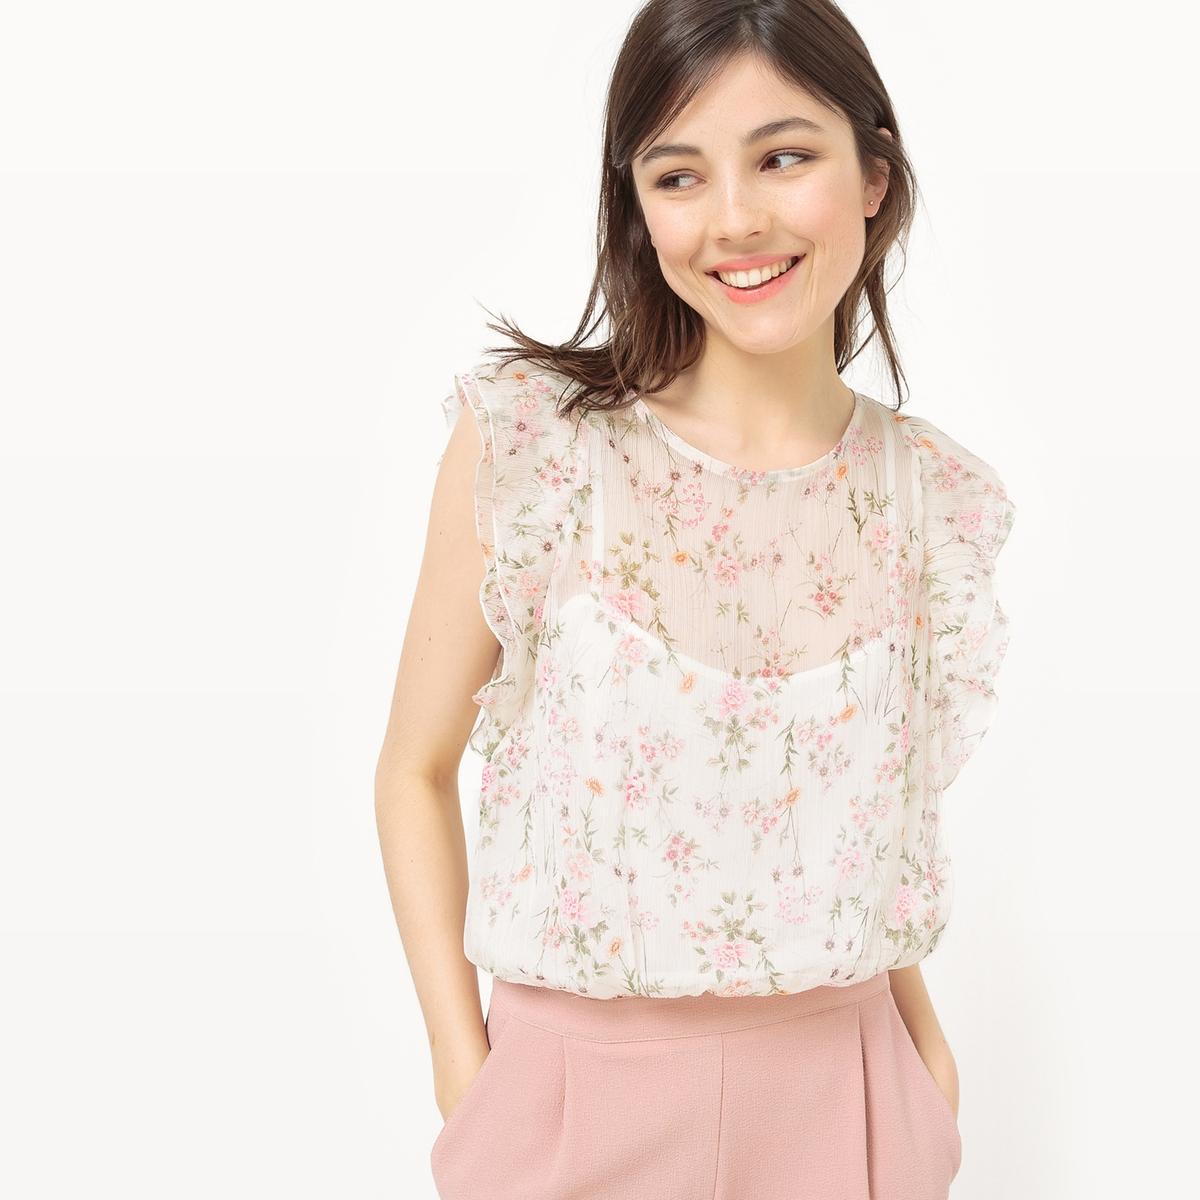 Комбинезон с шортами, верх с цветочным рисунком